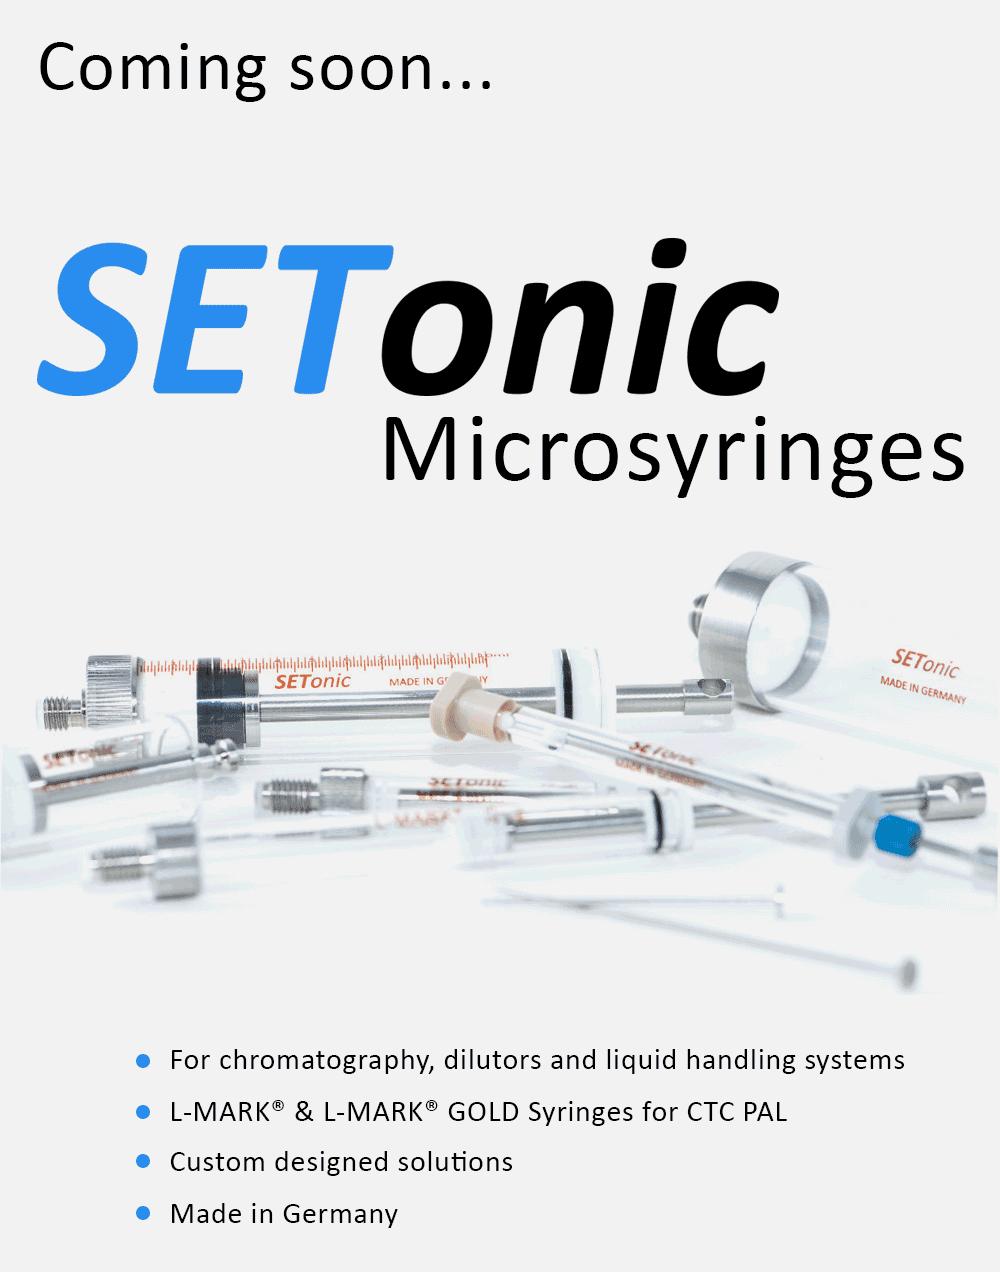 Setonic Microsyringes